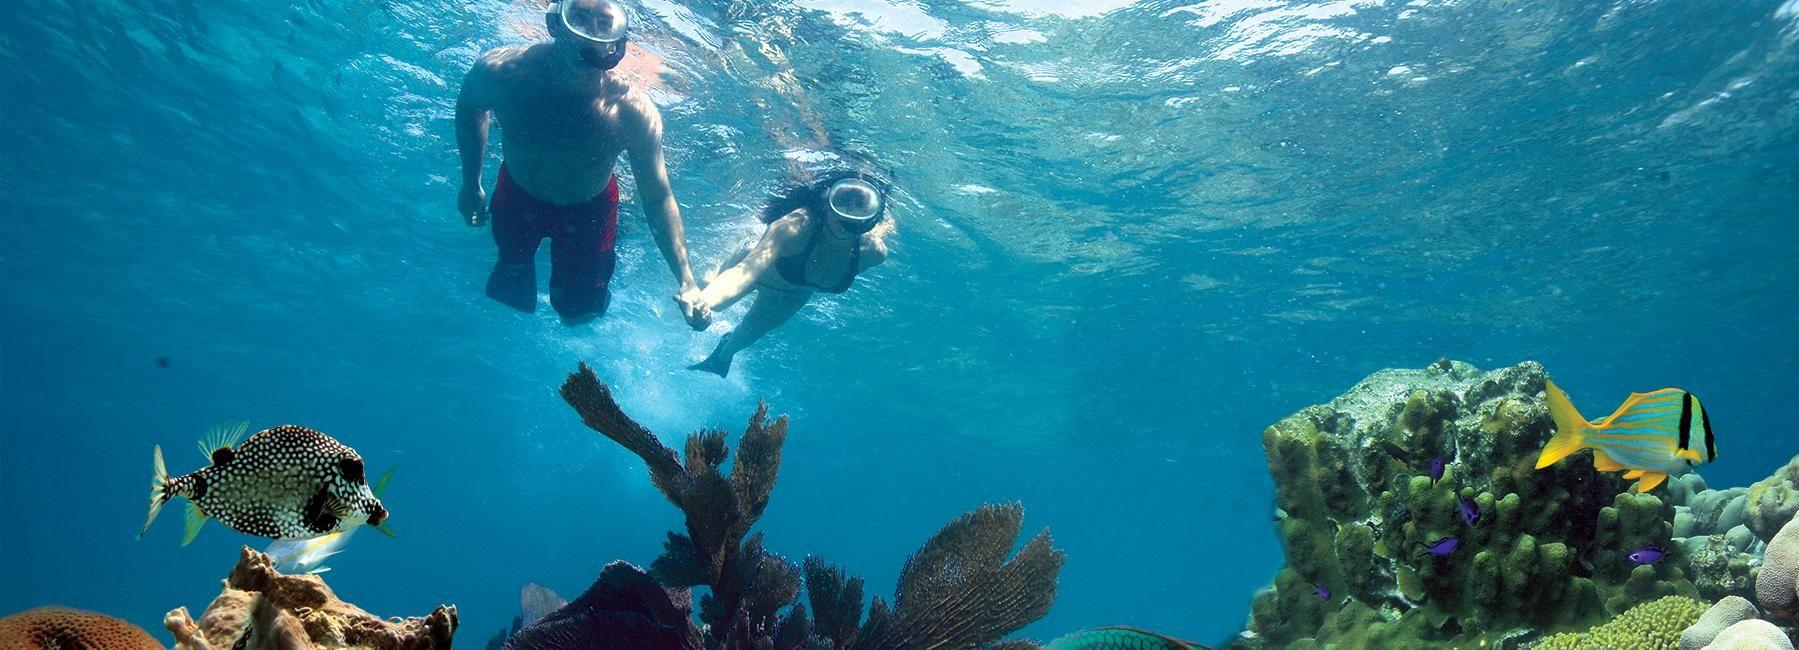 Key West 3-Hour Snorkeling Adventure